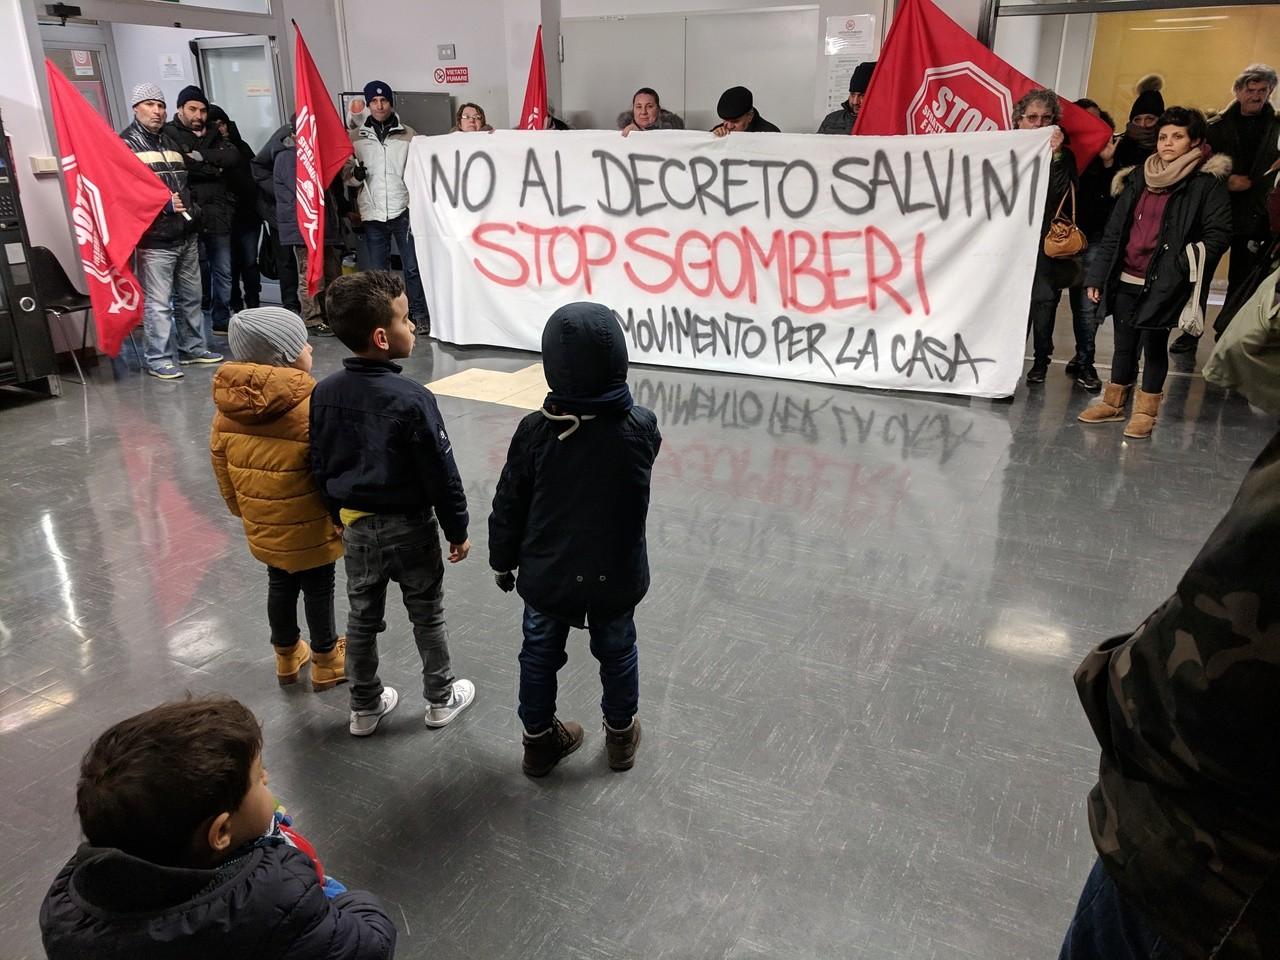 Occupato il CISSACA: no allo sgombero di 30 famiglie!